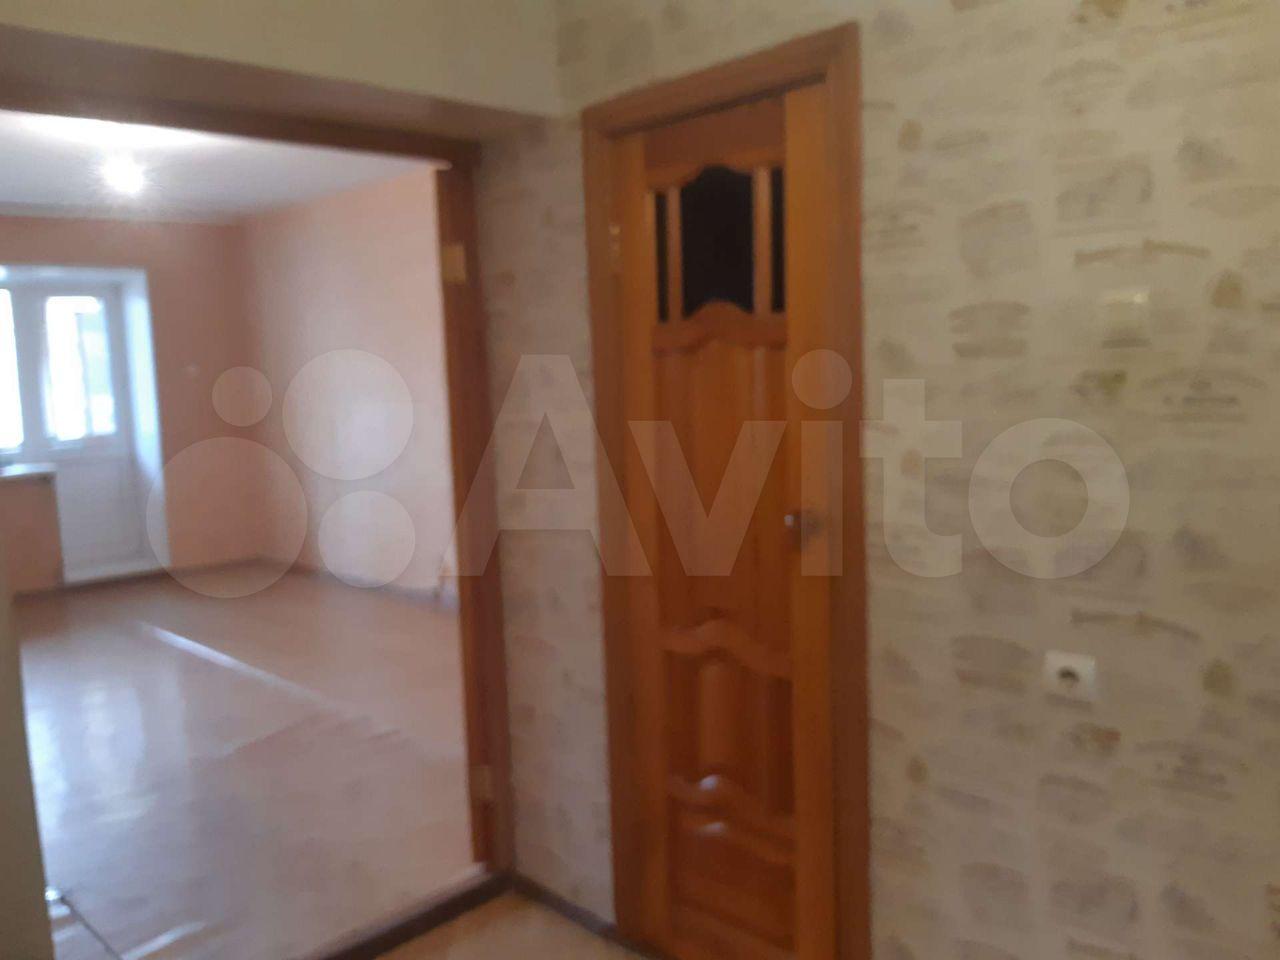 1-к квартира, 44 м², 1/5 эт.  89648636630 купить 3